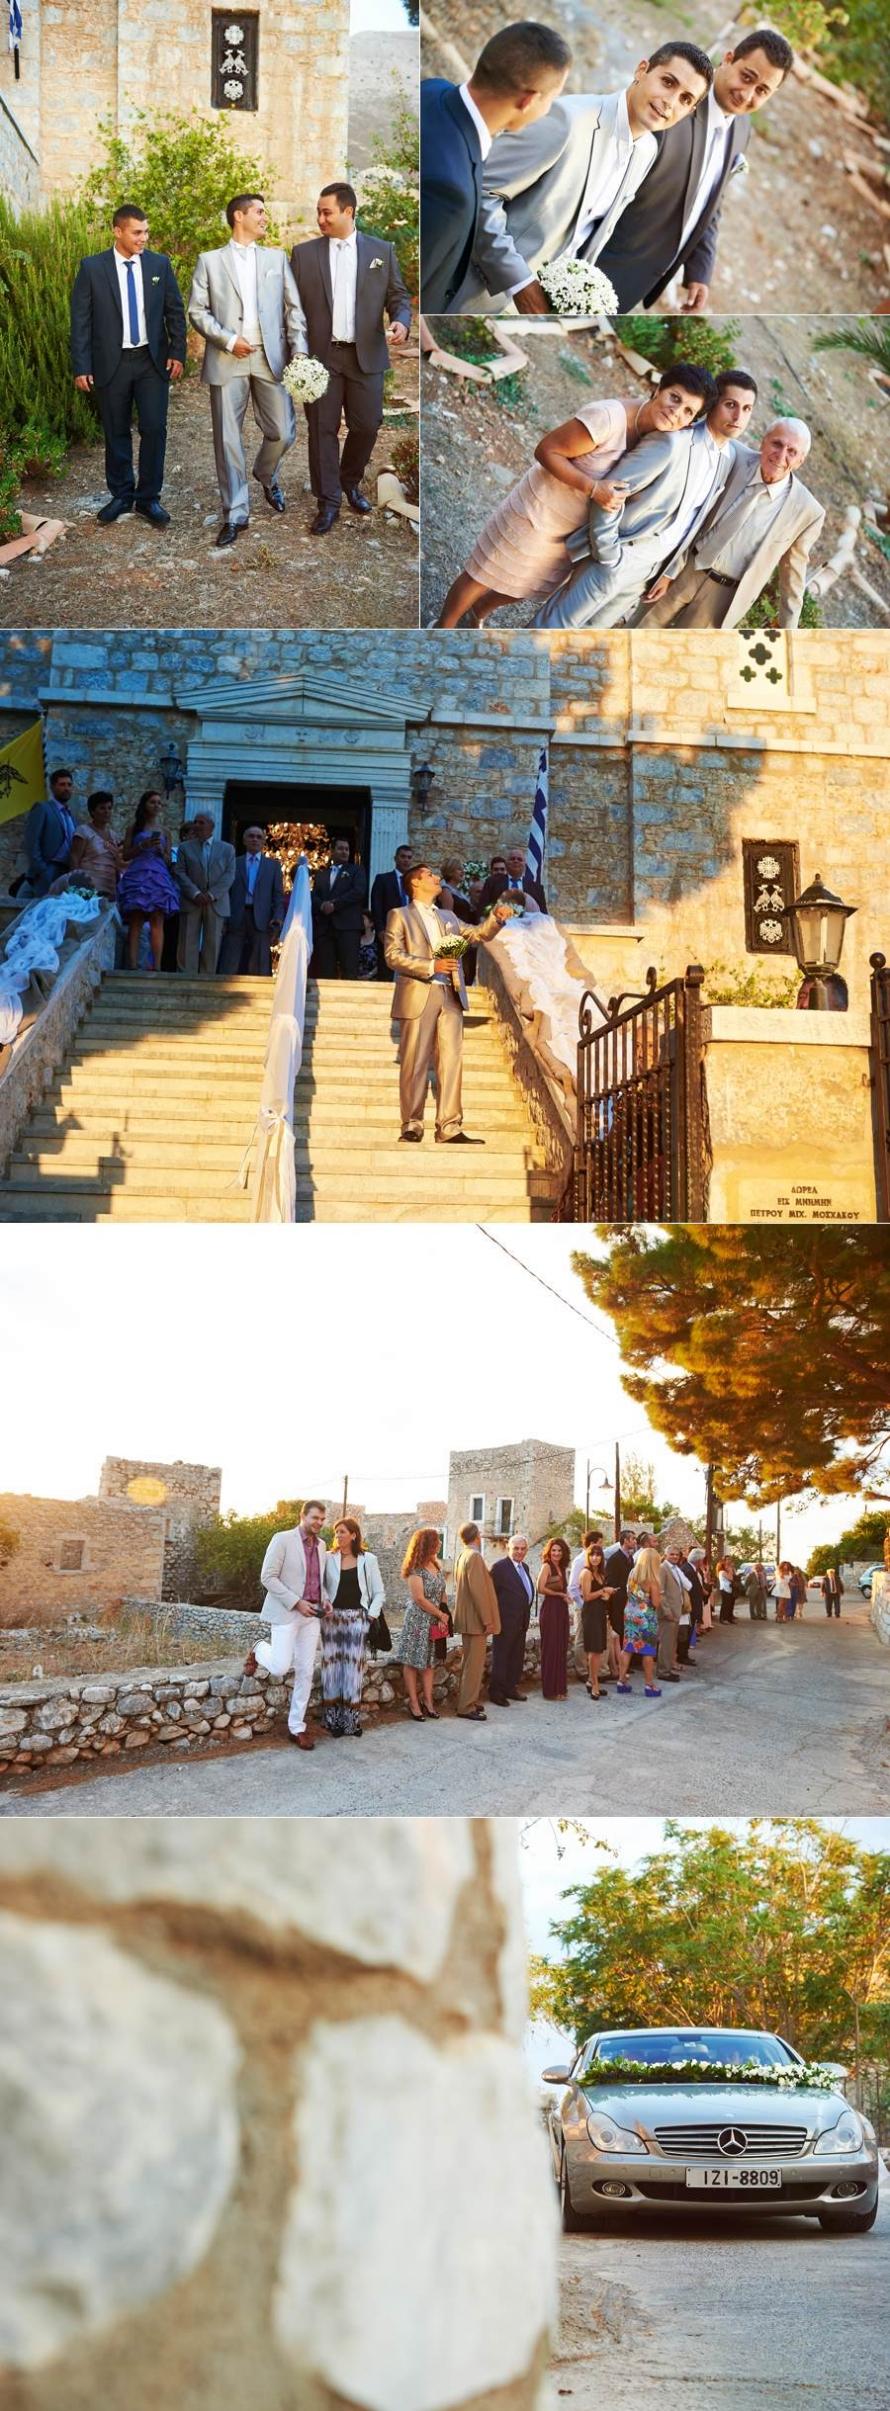 Nikos Anastasia wedding photos_0009